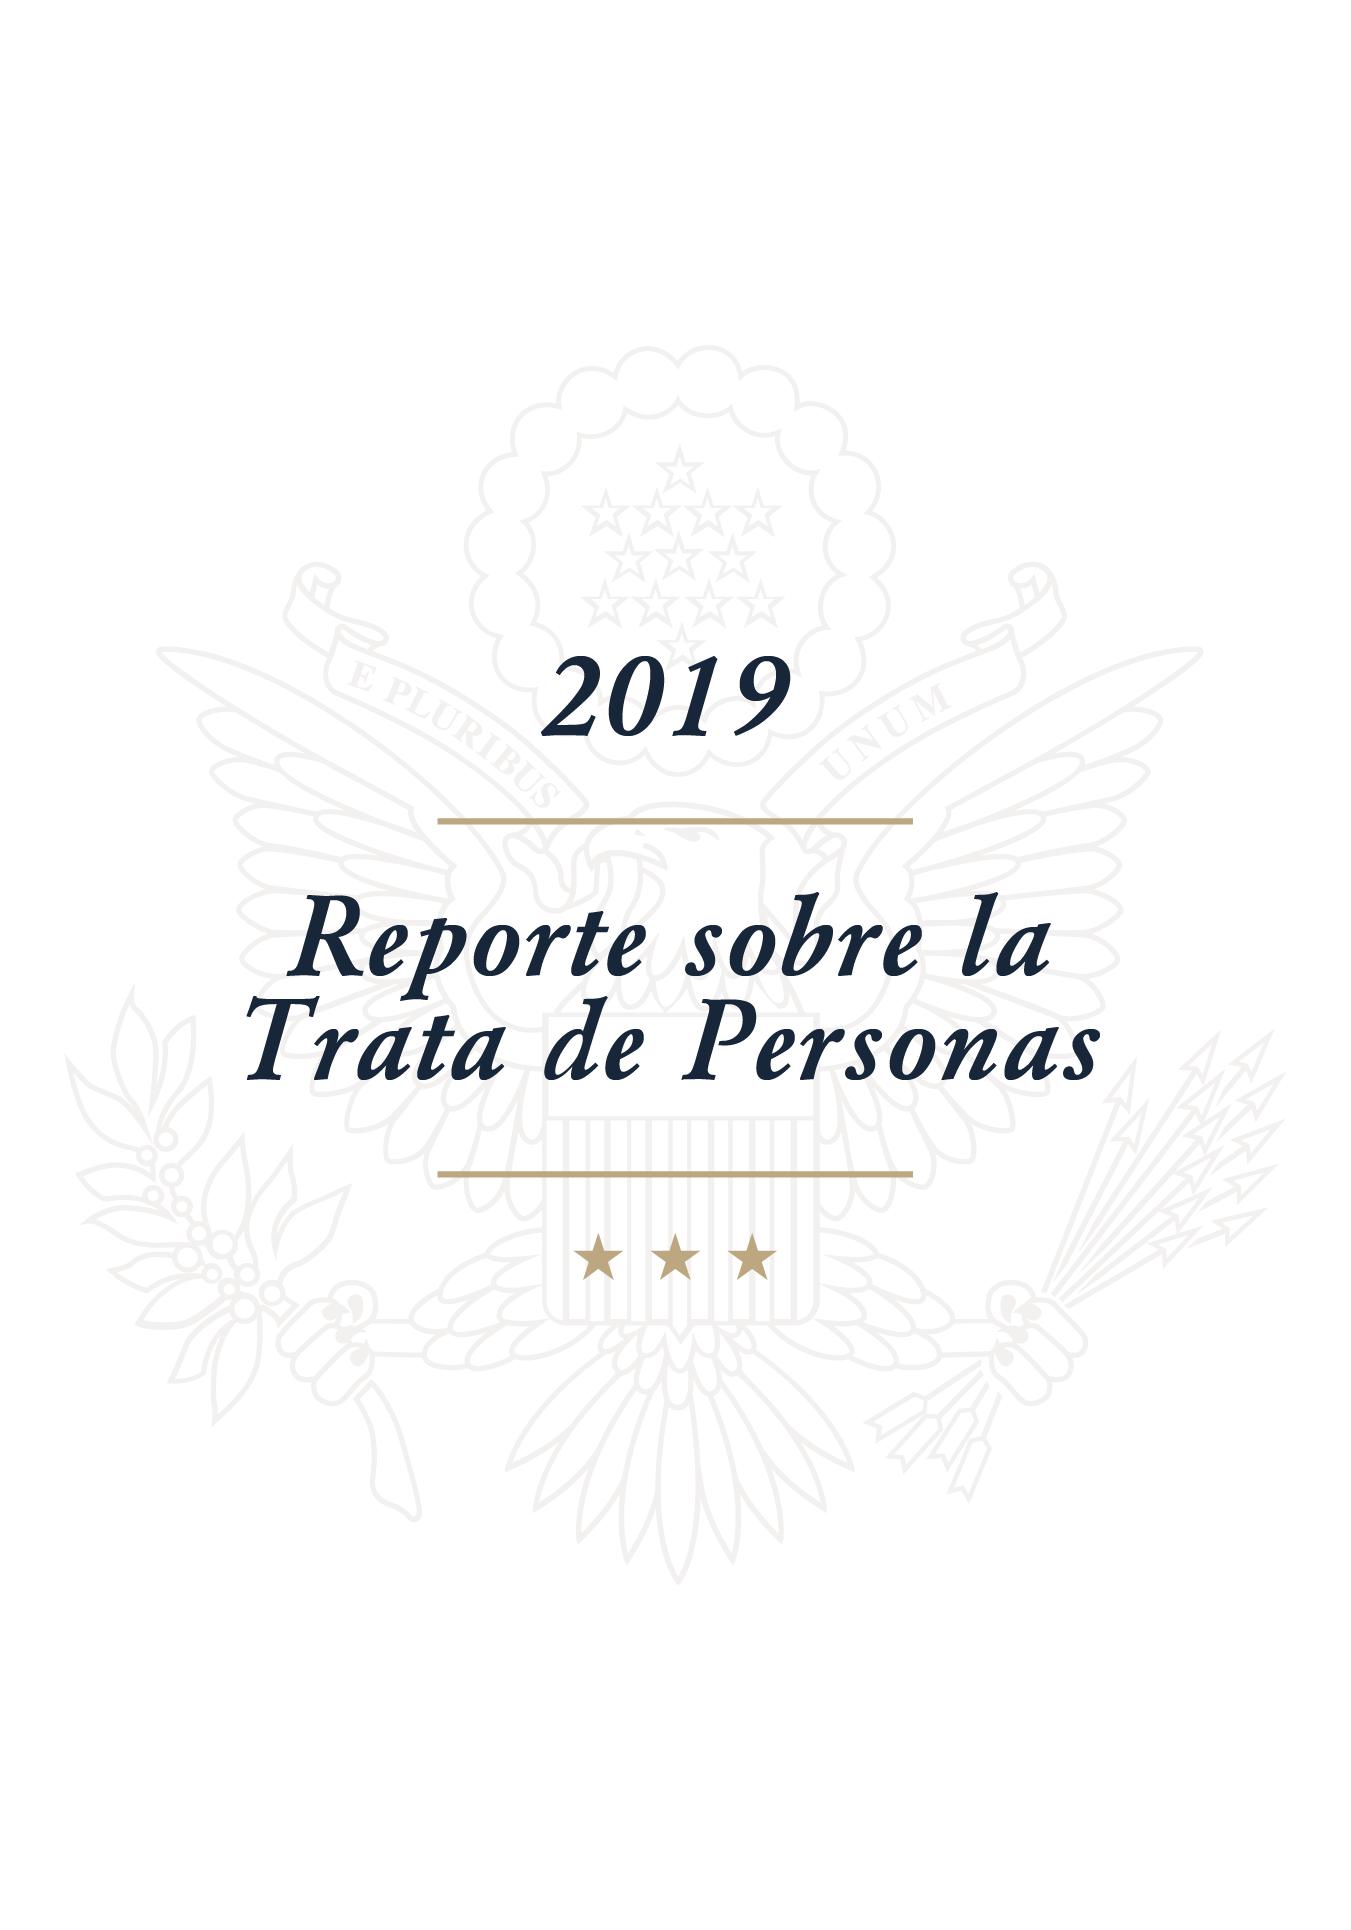 Reporte sobre la Trata de Personas 2019